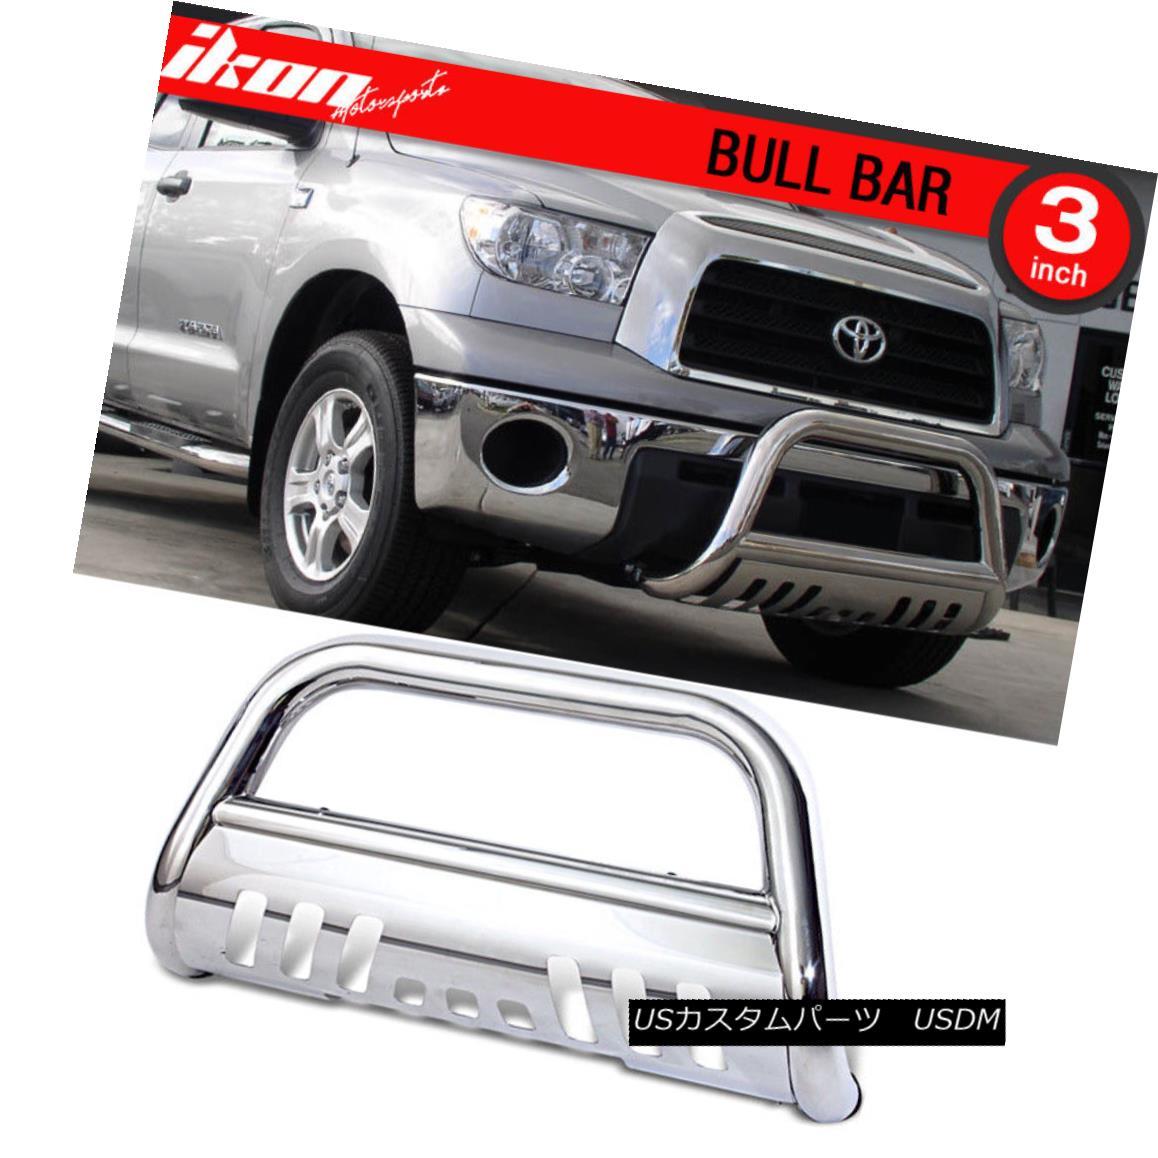 グリル For 07-17 Toyota Tundra Ss Bull Bar Grill Guard Front Bumper With Skid Plate 07-17 Toyota Tundra Ss用ブルバーグリルガードフロントバンパー(スキッドプレート付)